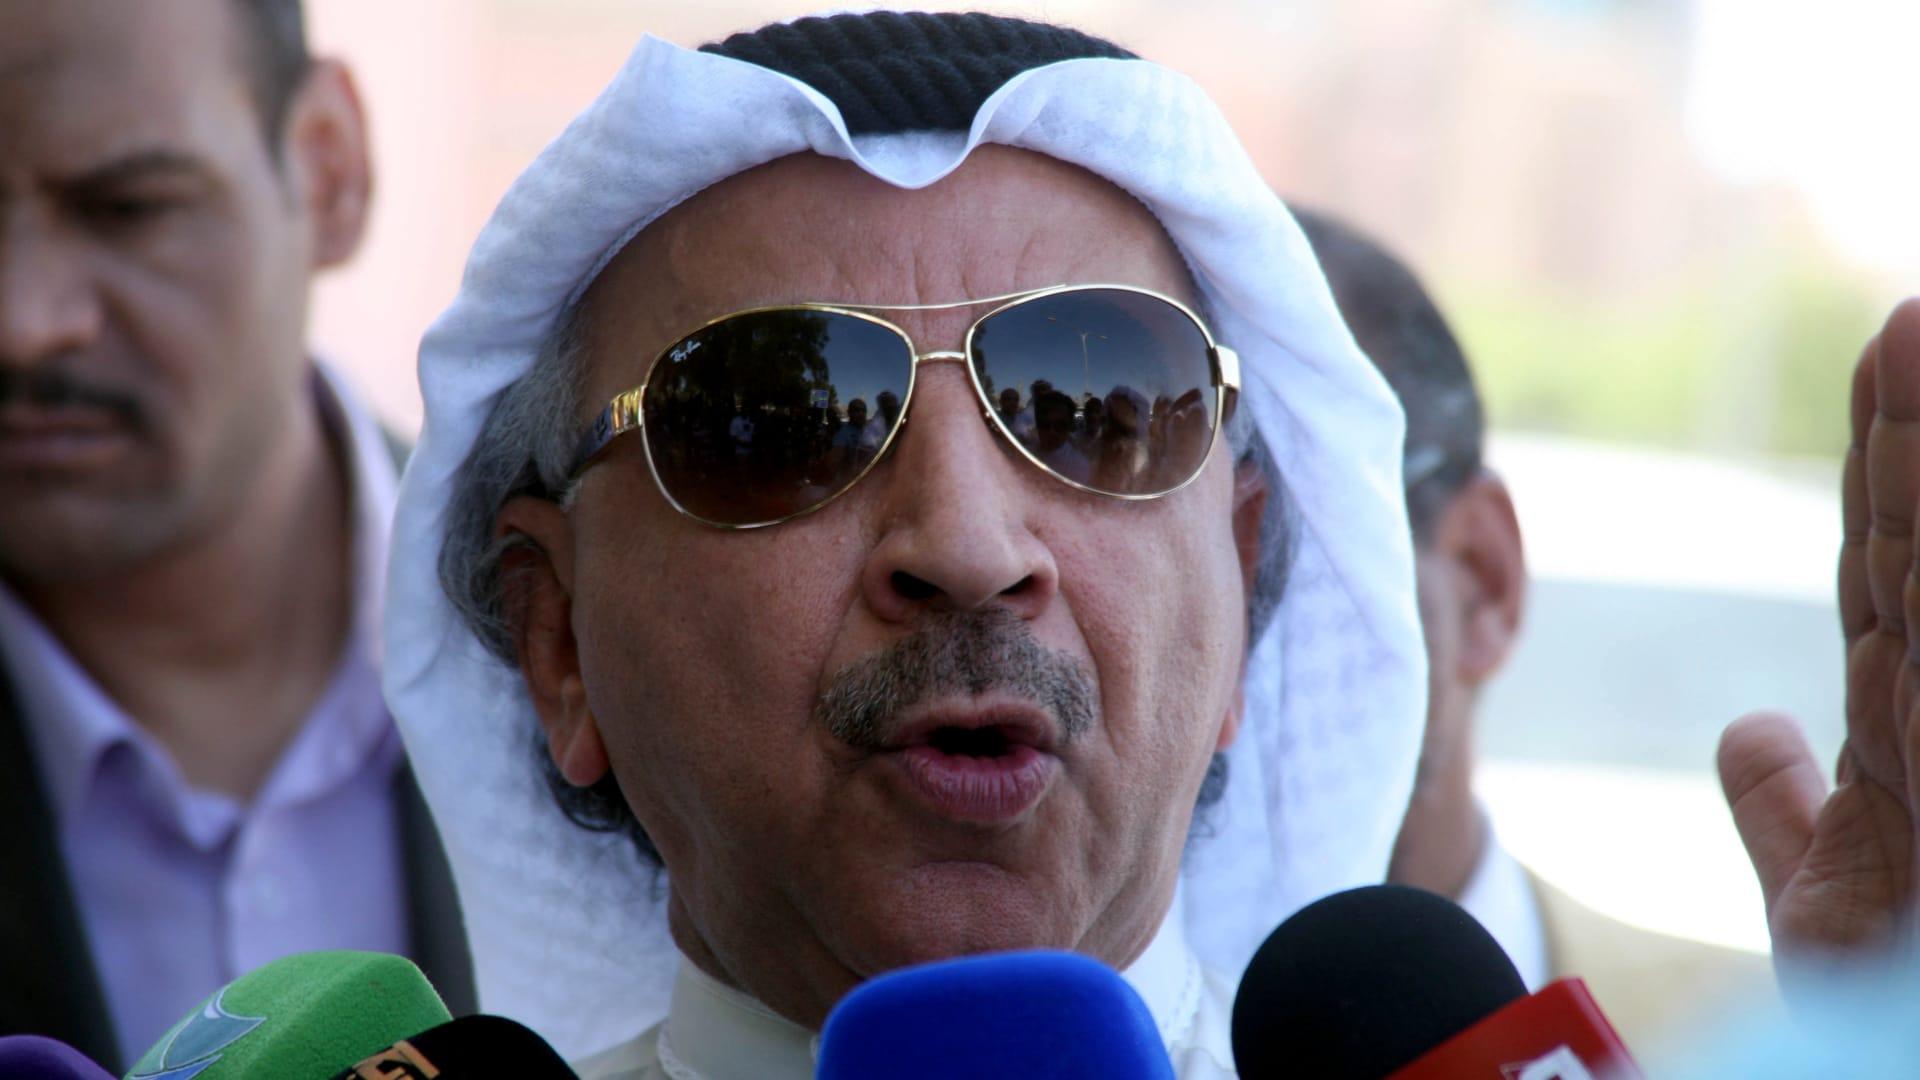 الكويت: الحكومة تحذر من الإساءة للسعودية والنائب الشيعي عبدالحميد دشتي يرفض بيانا نيابيا